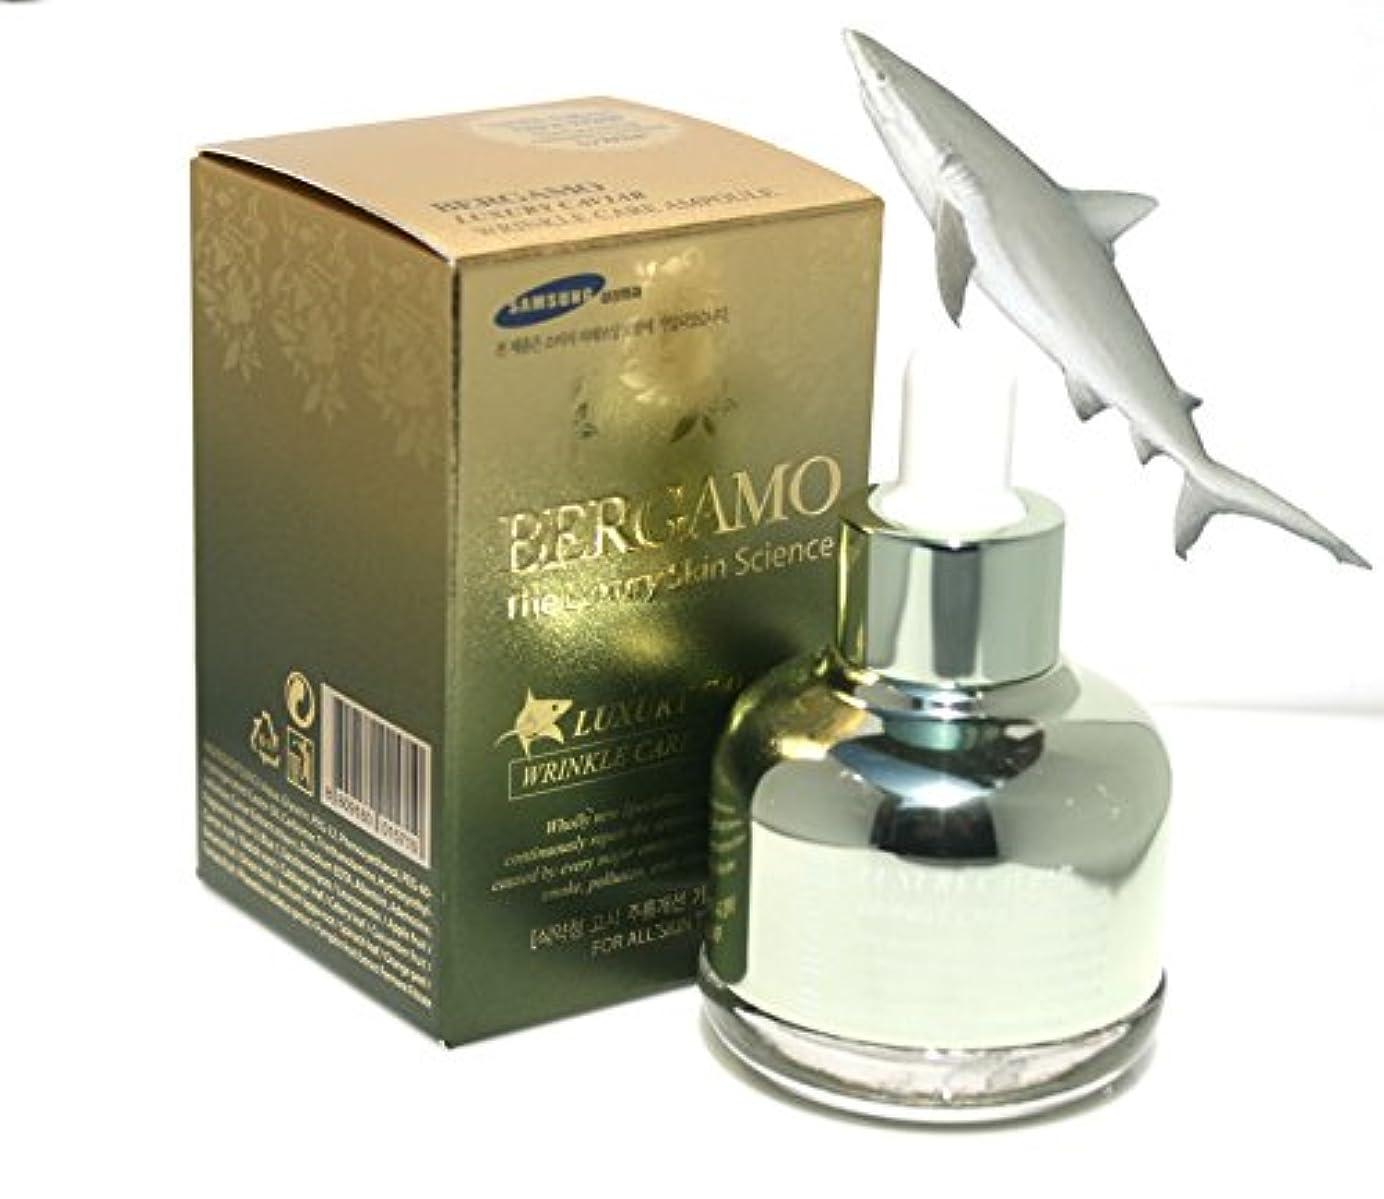 力事秋【ベルガモ][Bergamo] 皮膚科学高級キャビアリンクルケアアンプル30ml / The Skin Science Luxury Caviar Wrinkle Care Ampoule 30ml / 韓国化粧品 / Korean Cosmetics [並行輸入品]